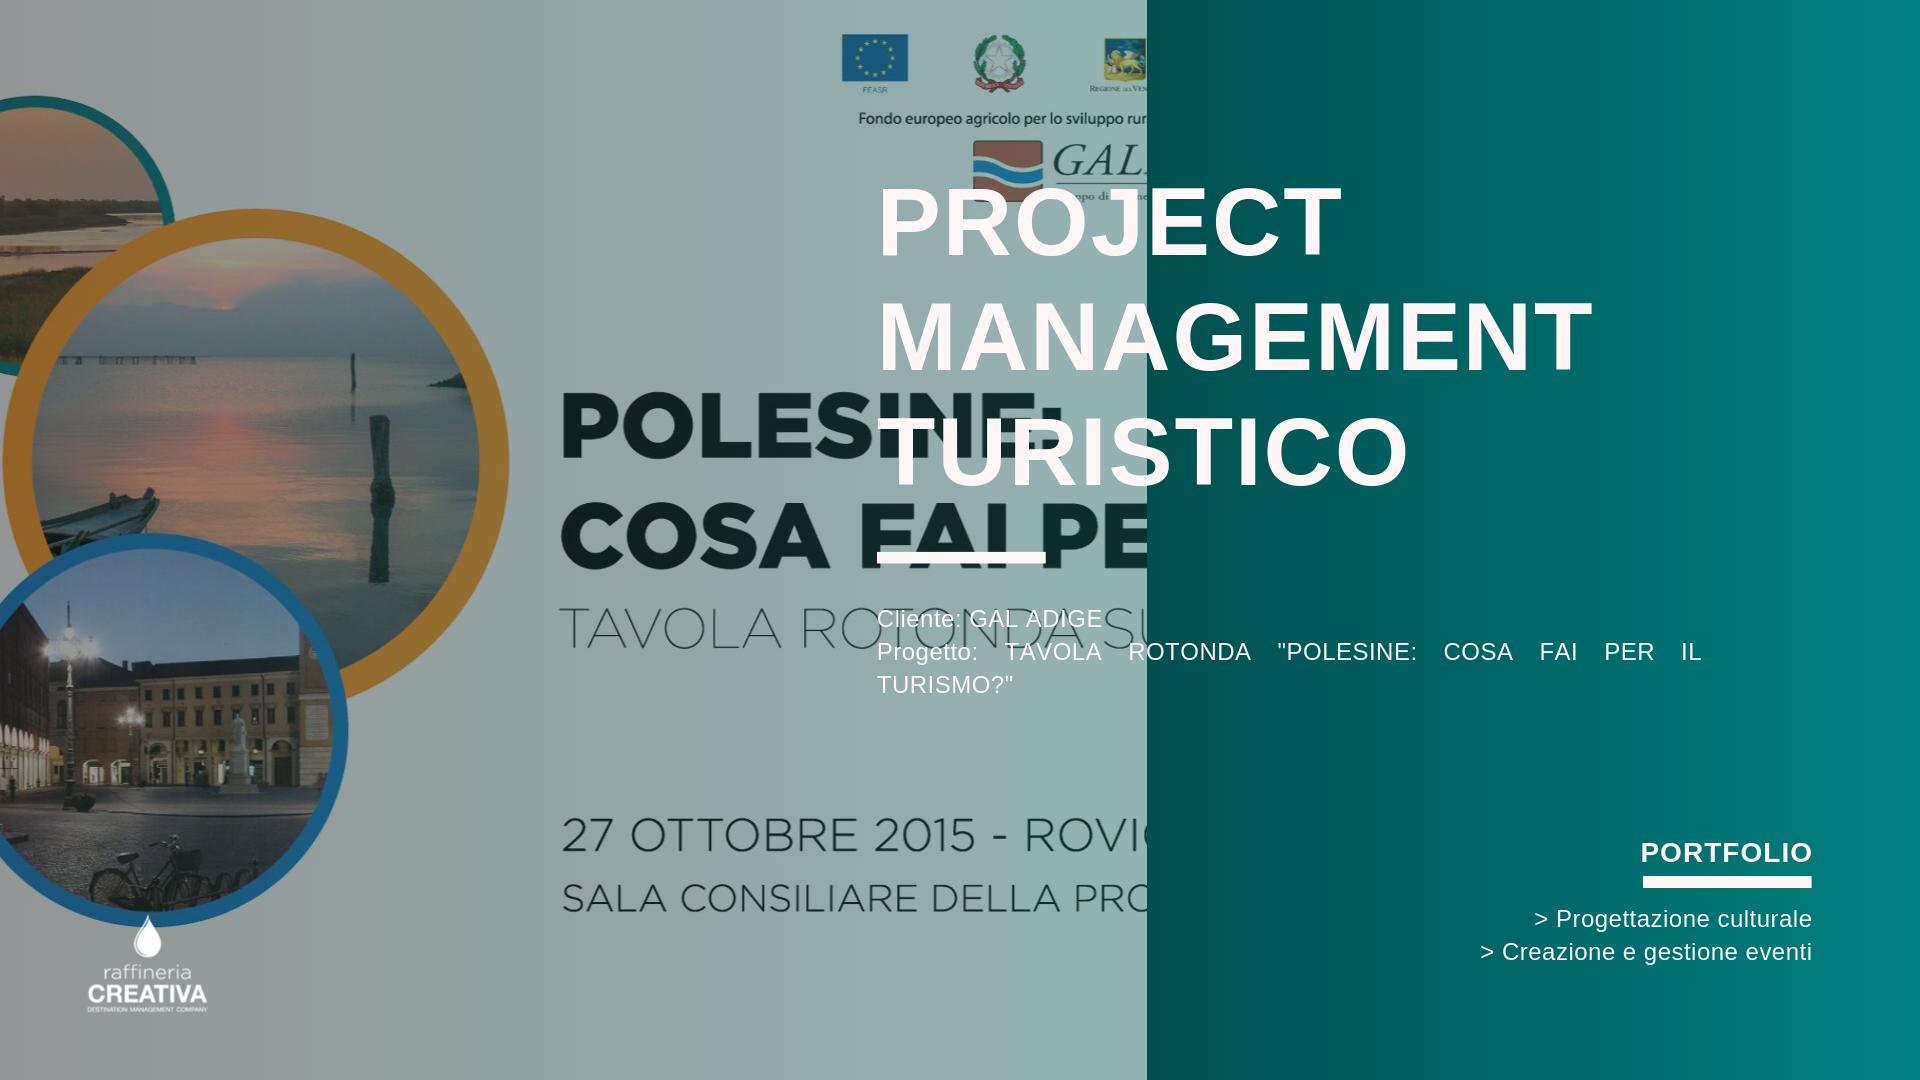 project management turistico tavola rotonda polesine cosa fai per il turismo 2015